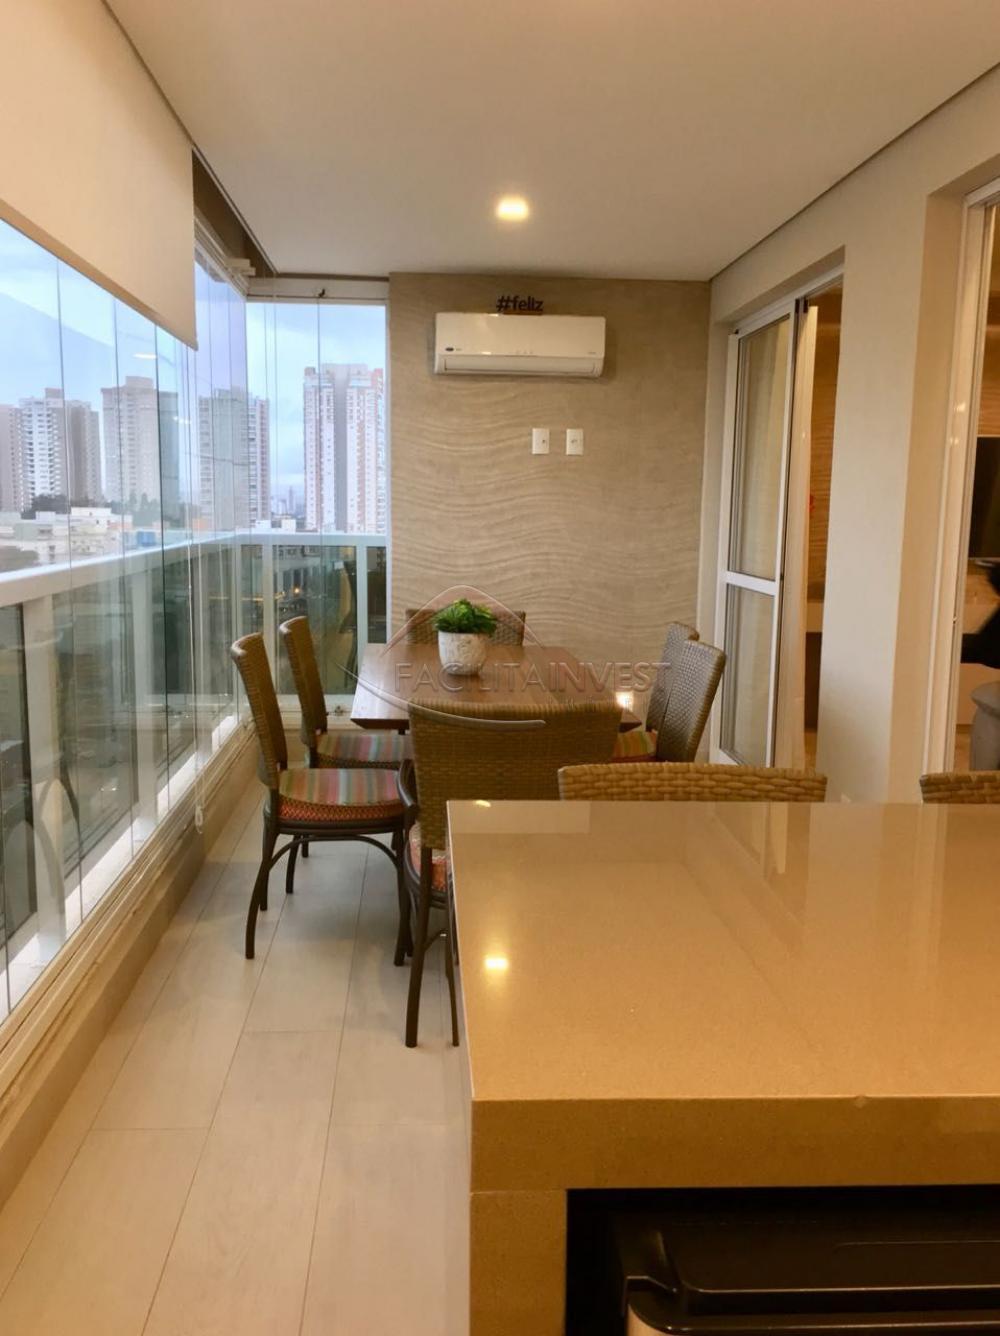 Alugar Apartamentos / Apartamento Mobiliado em Ribeirão Preto apenas R$ 6.000,00 - Foto 3